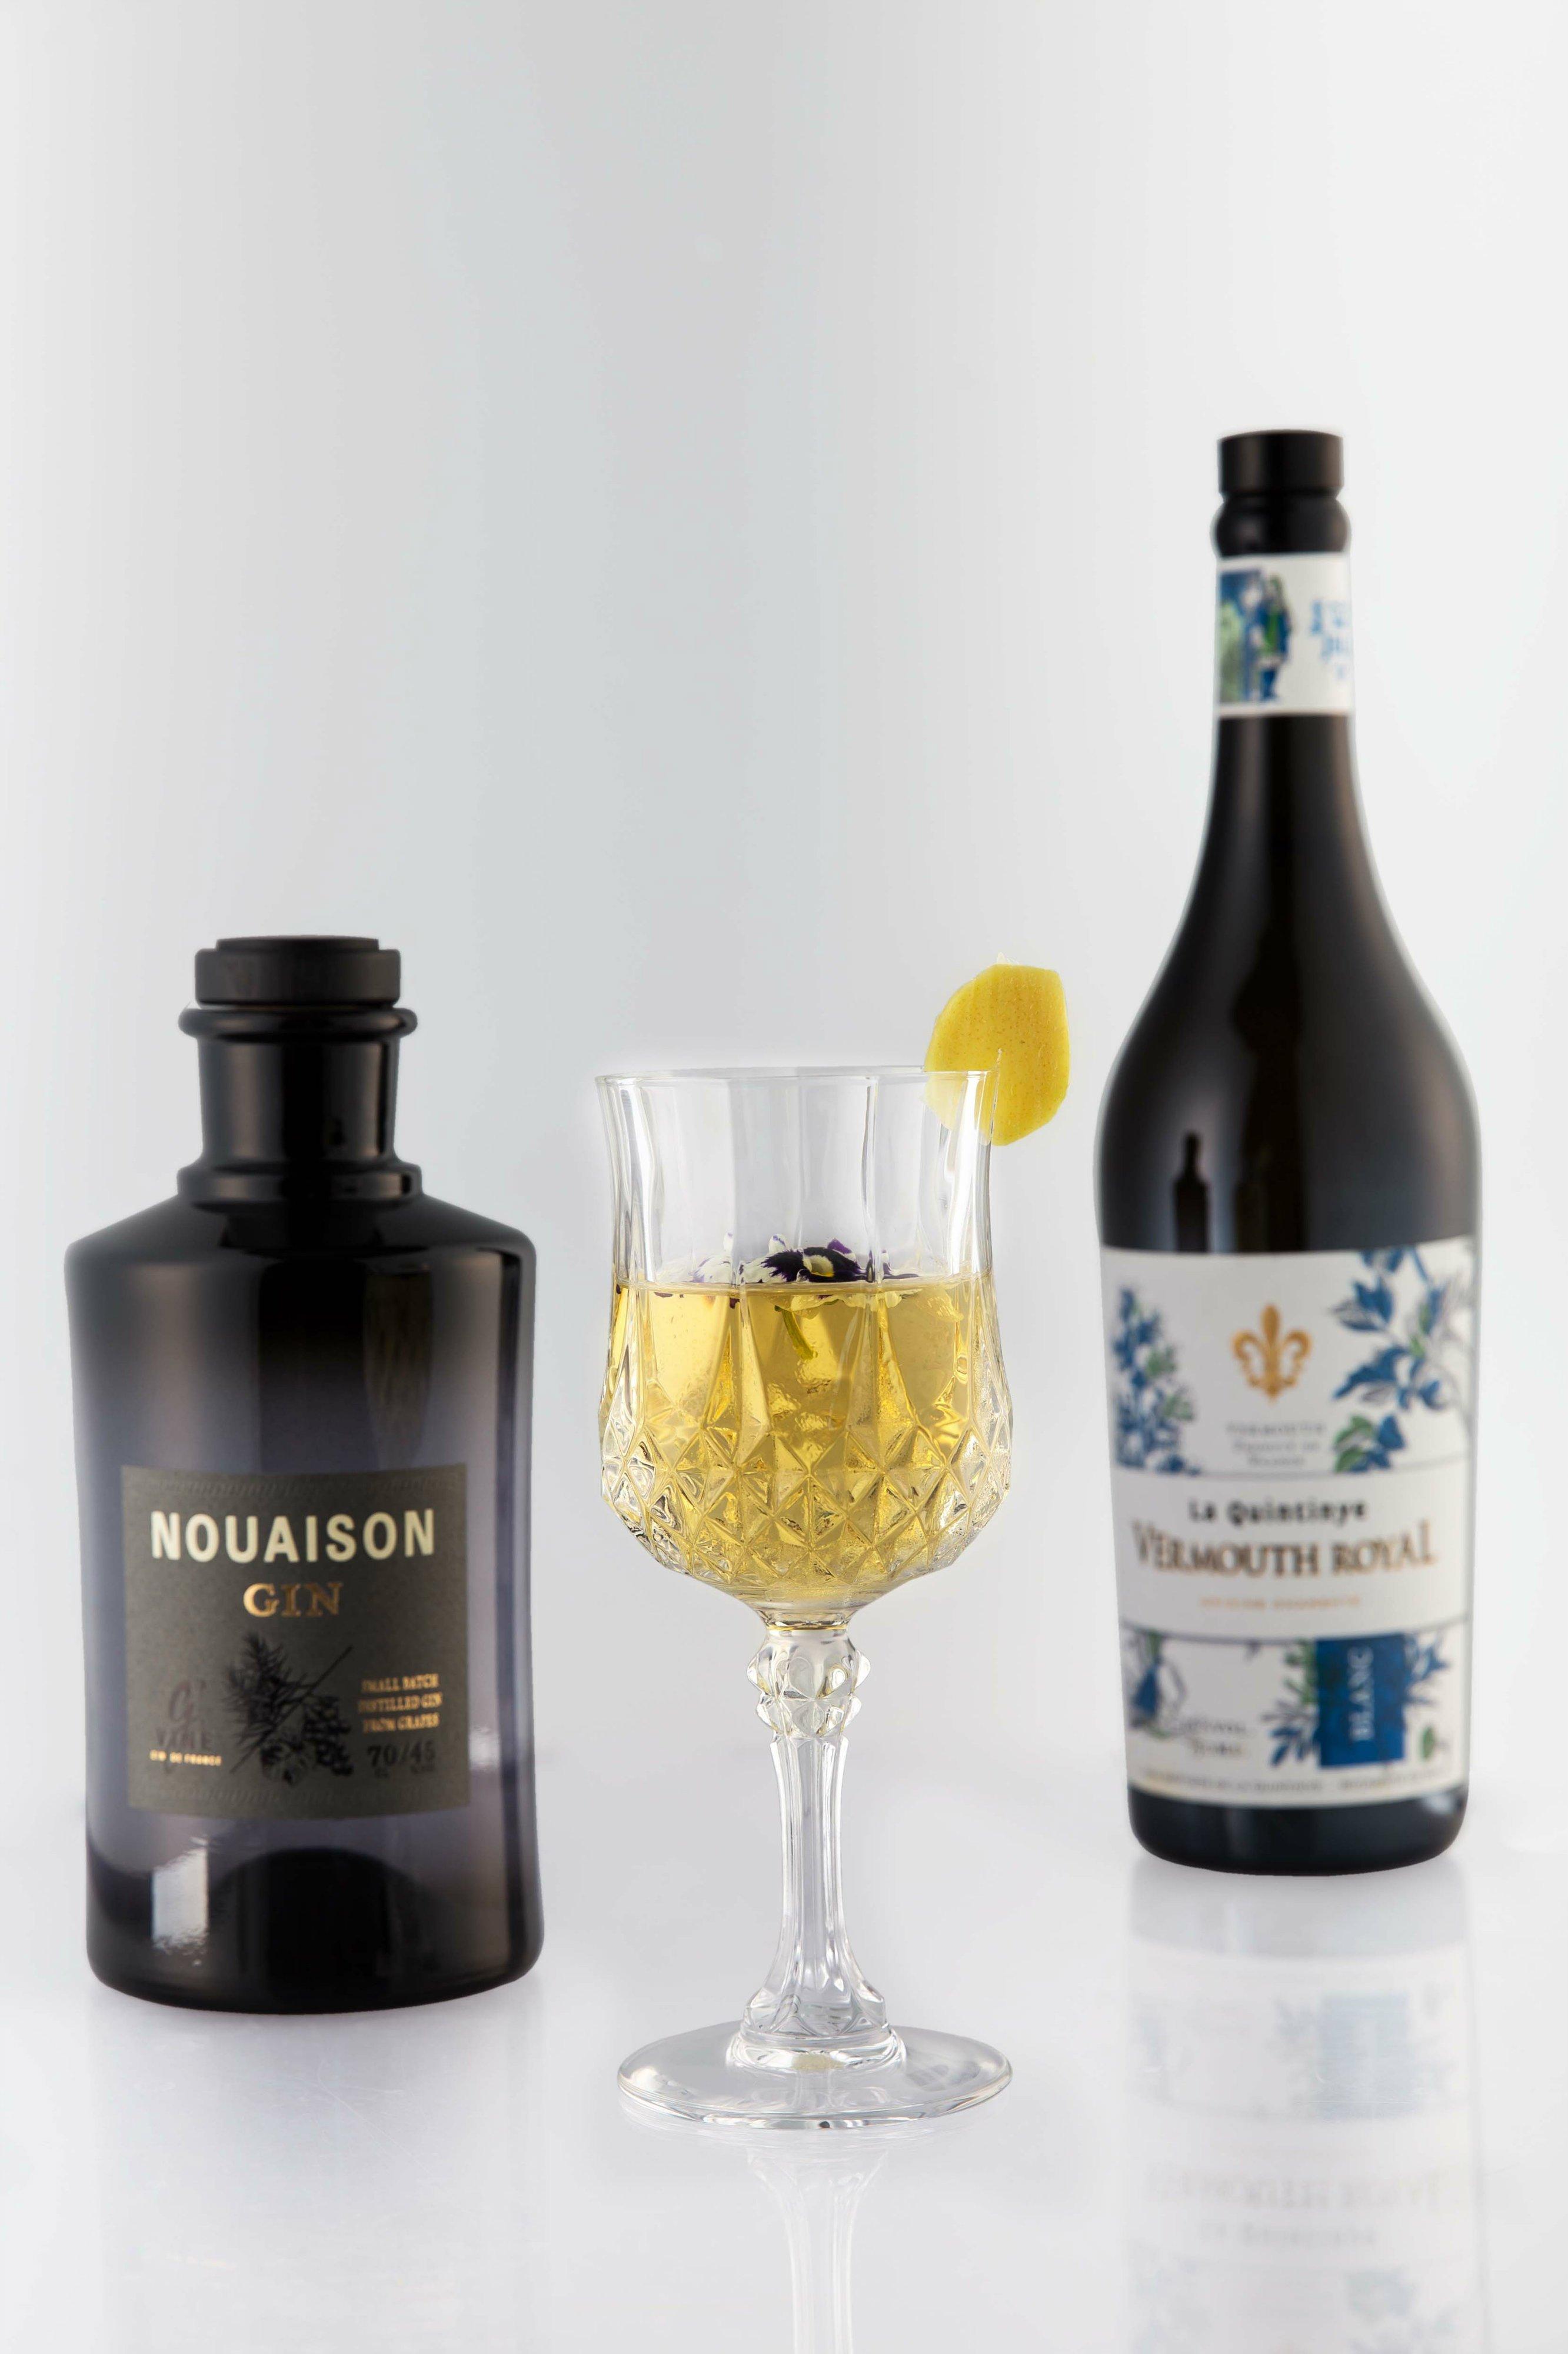 El cóctel Divinus, creado por David Ríos, combina la excelencia de Nouaison Gin con la variedad Blanc de La Quintinye Vermut Royal